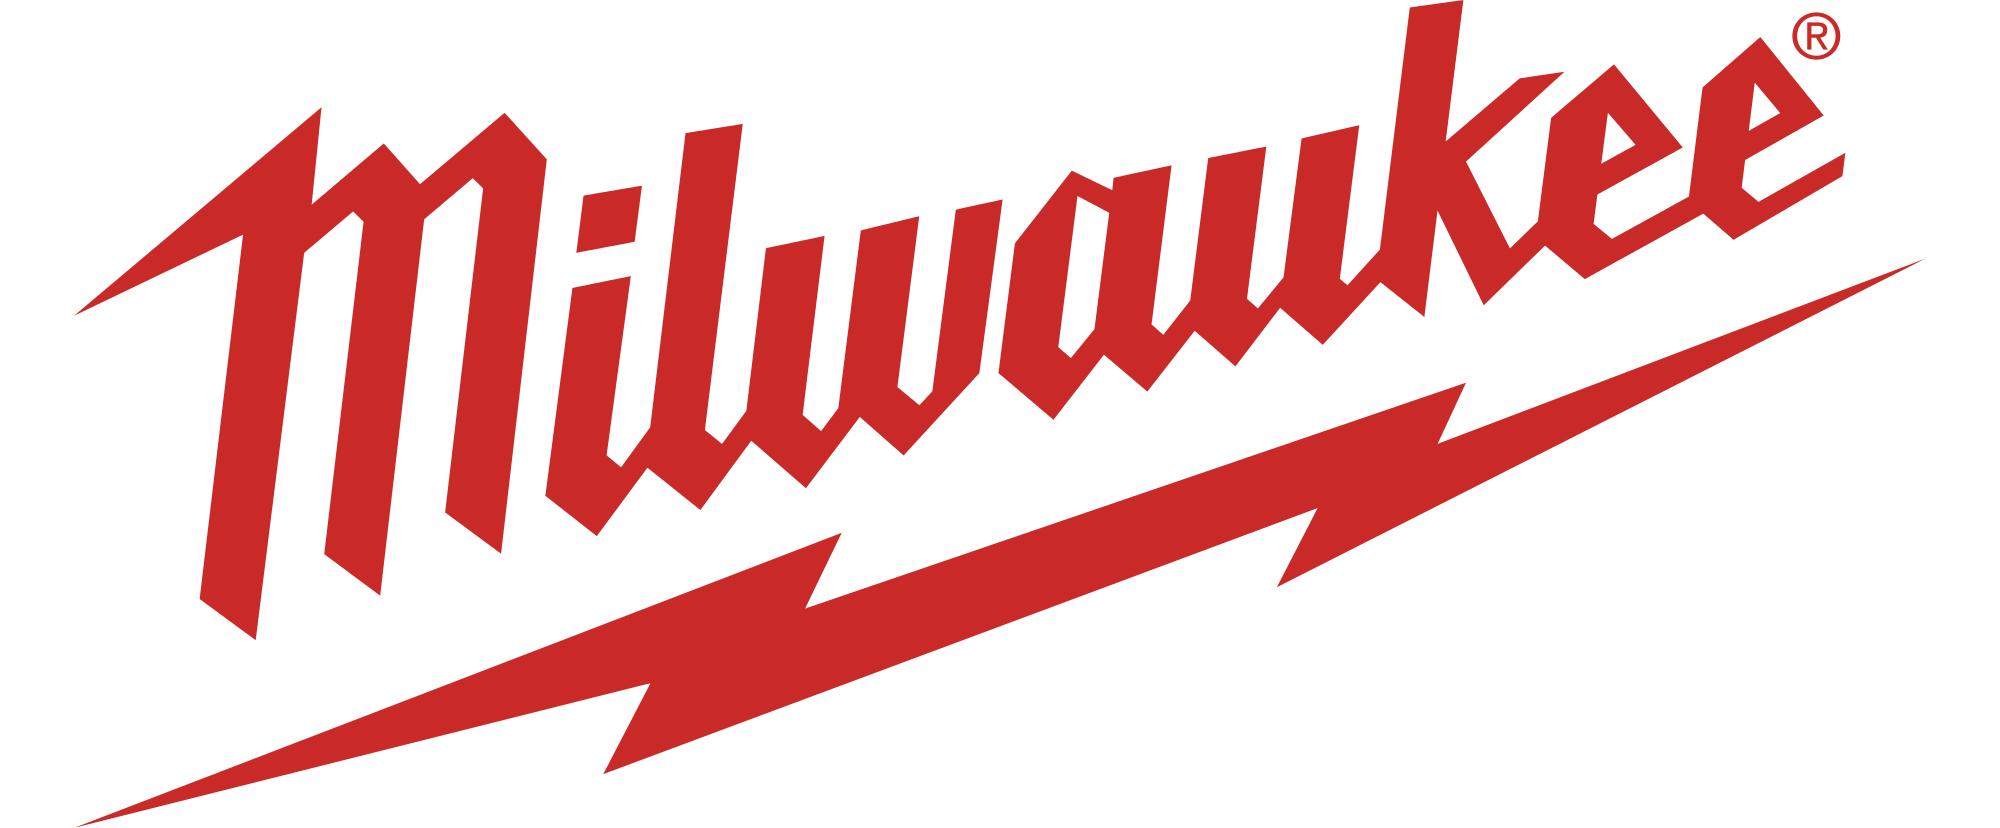 MIlwaukee, logo